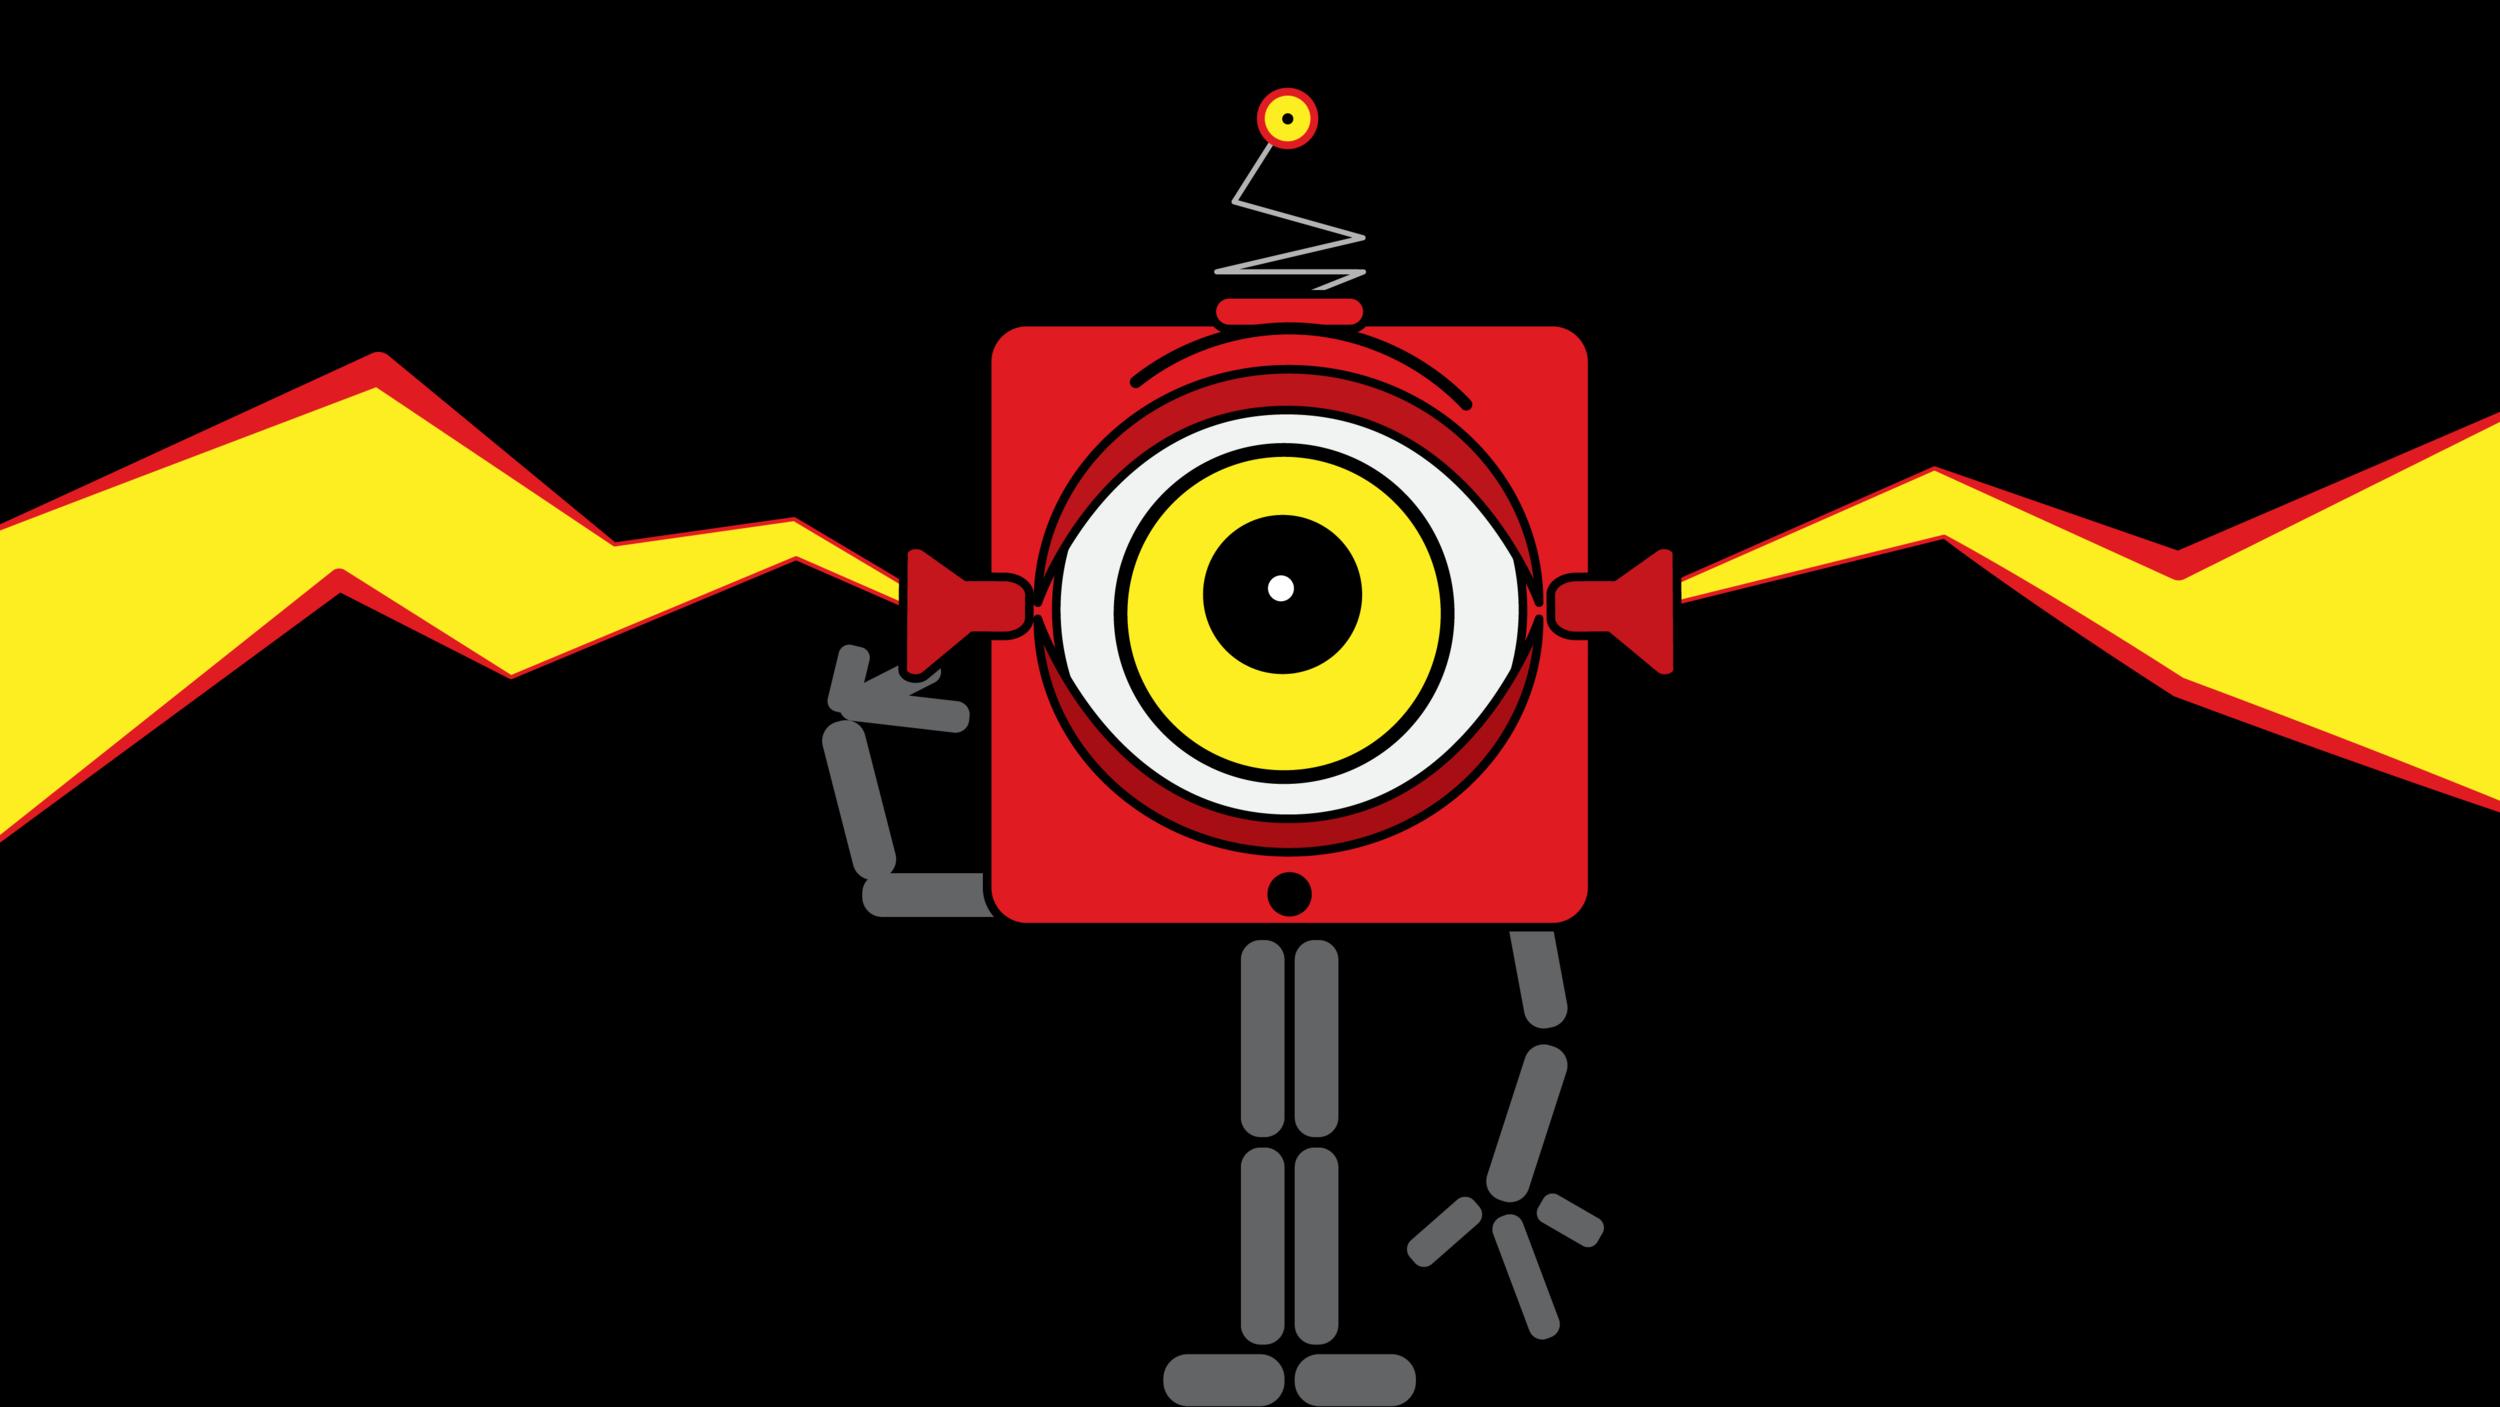 Dessin : Pierre Guité.  Les robots qui lisent votre douleur  par Sylvie Gendreau, Votre laboratoire créatif.